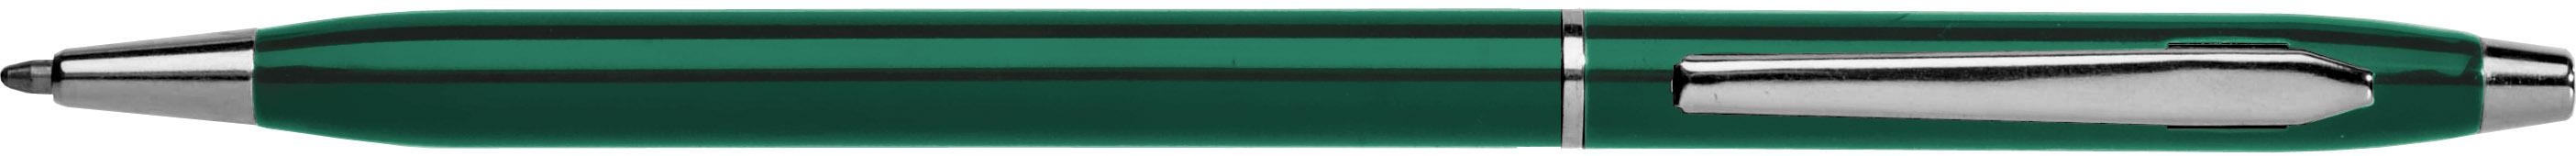 Ручка подар. EK Incanto NT-110 автомат, корпус зеленый с желт метал.